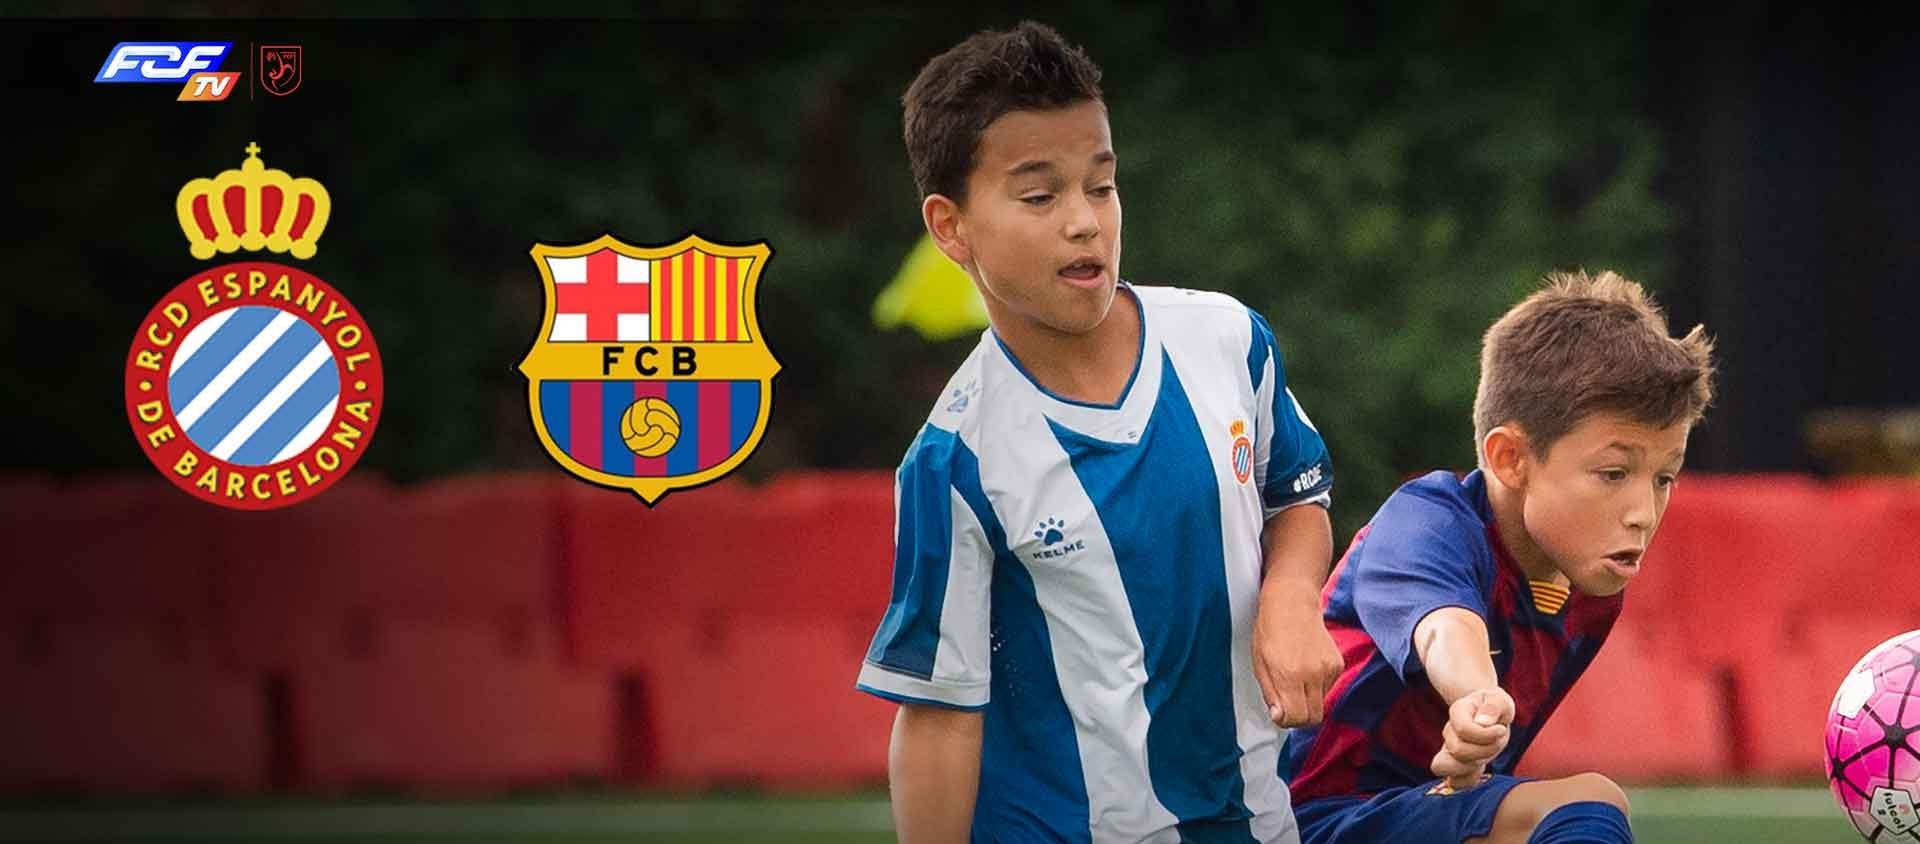 El futbol base torna amb la retransmissió del partidàs Espanyol-Barça de Preferent Aleví